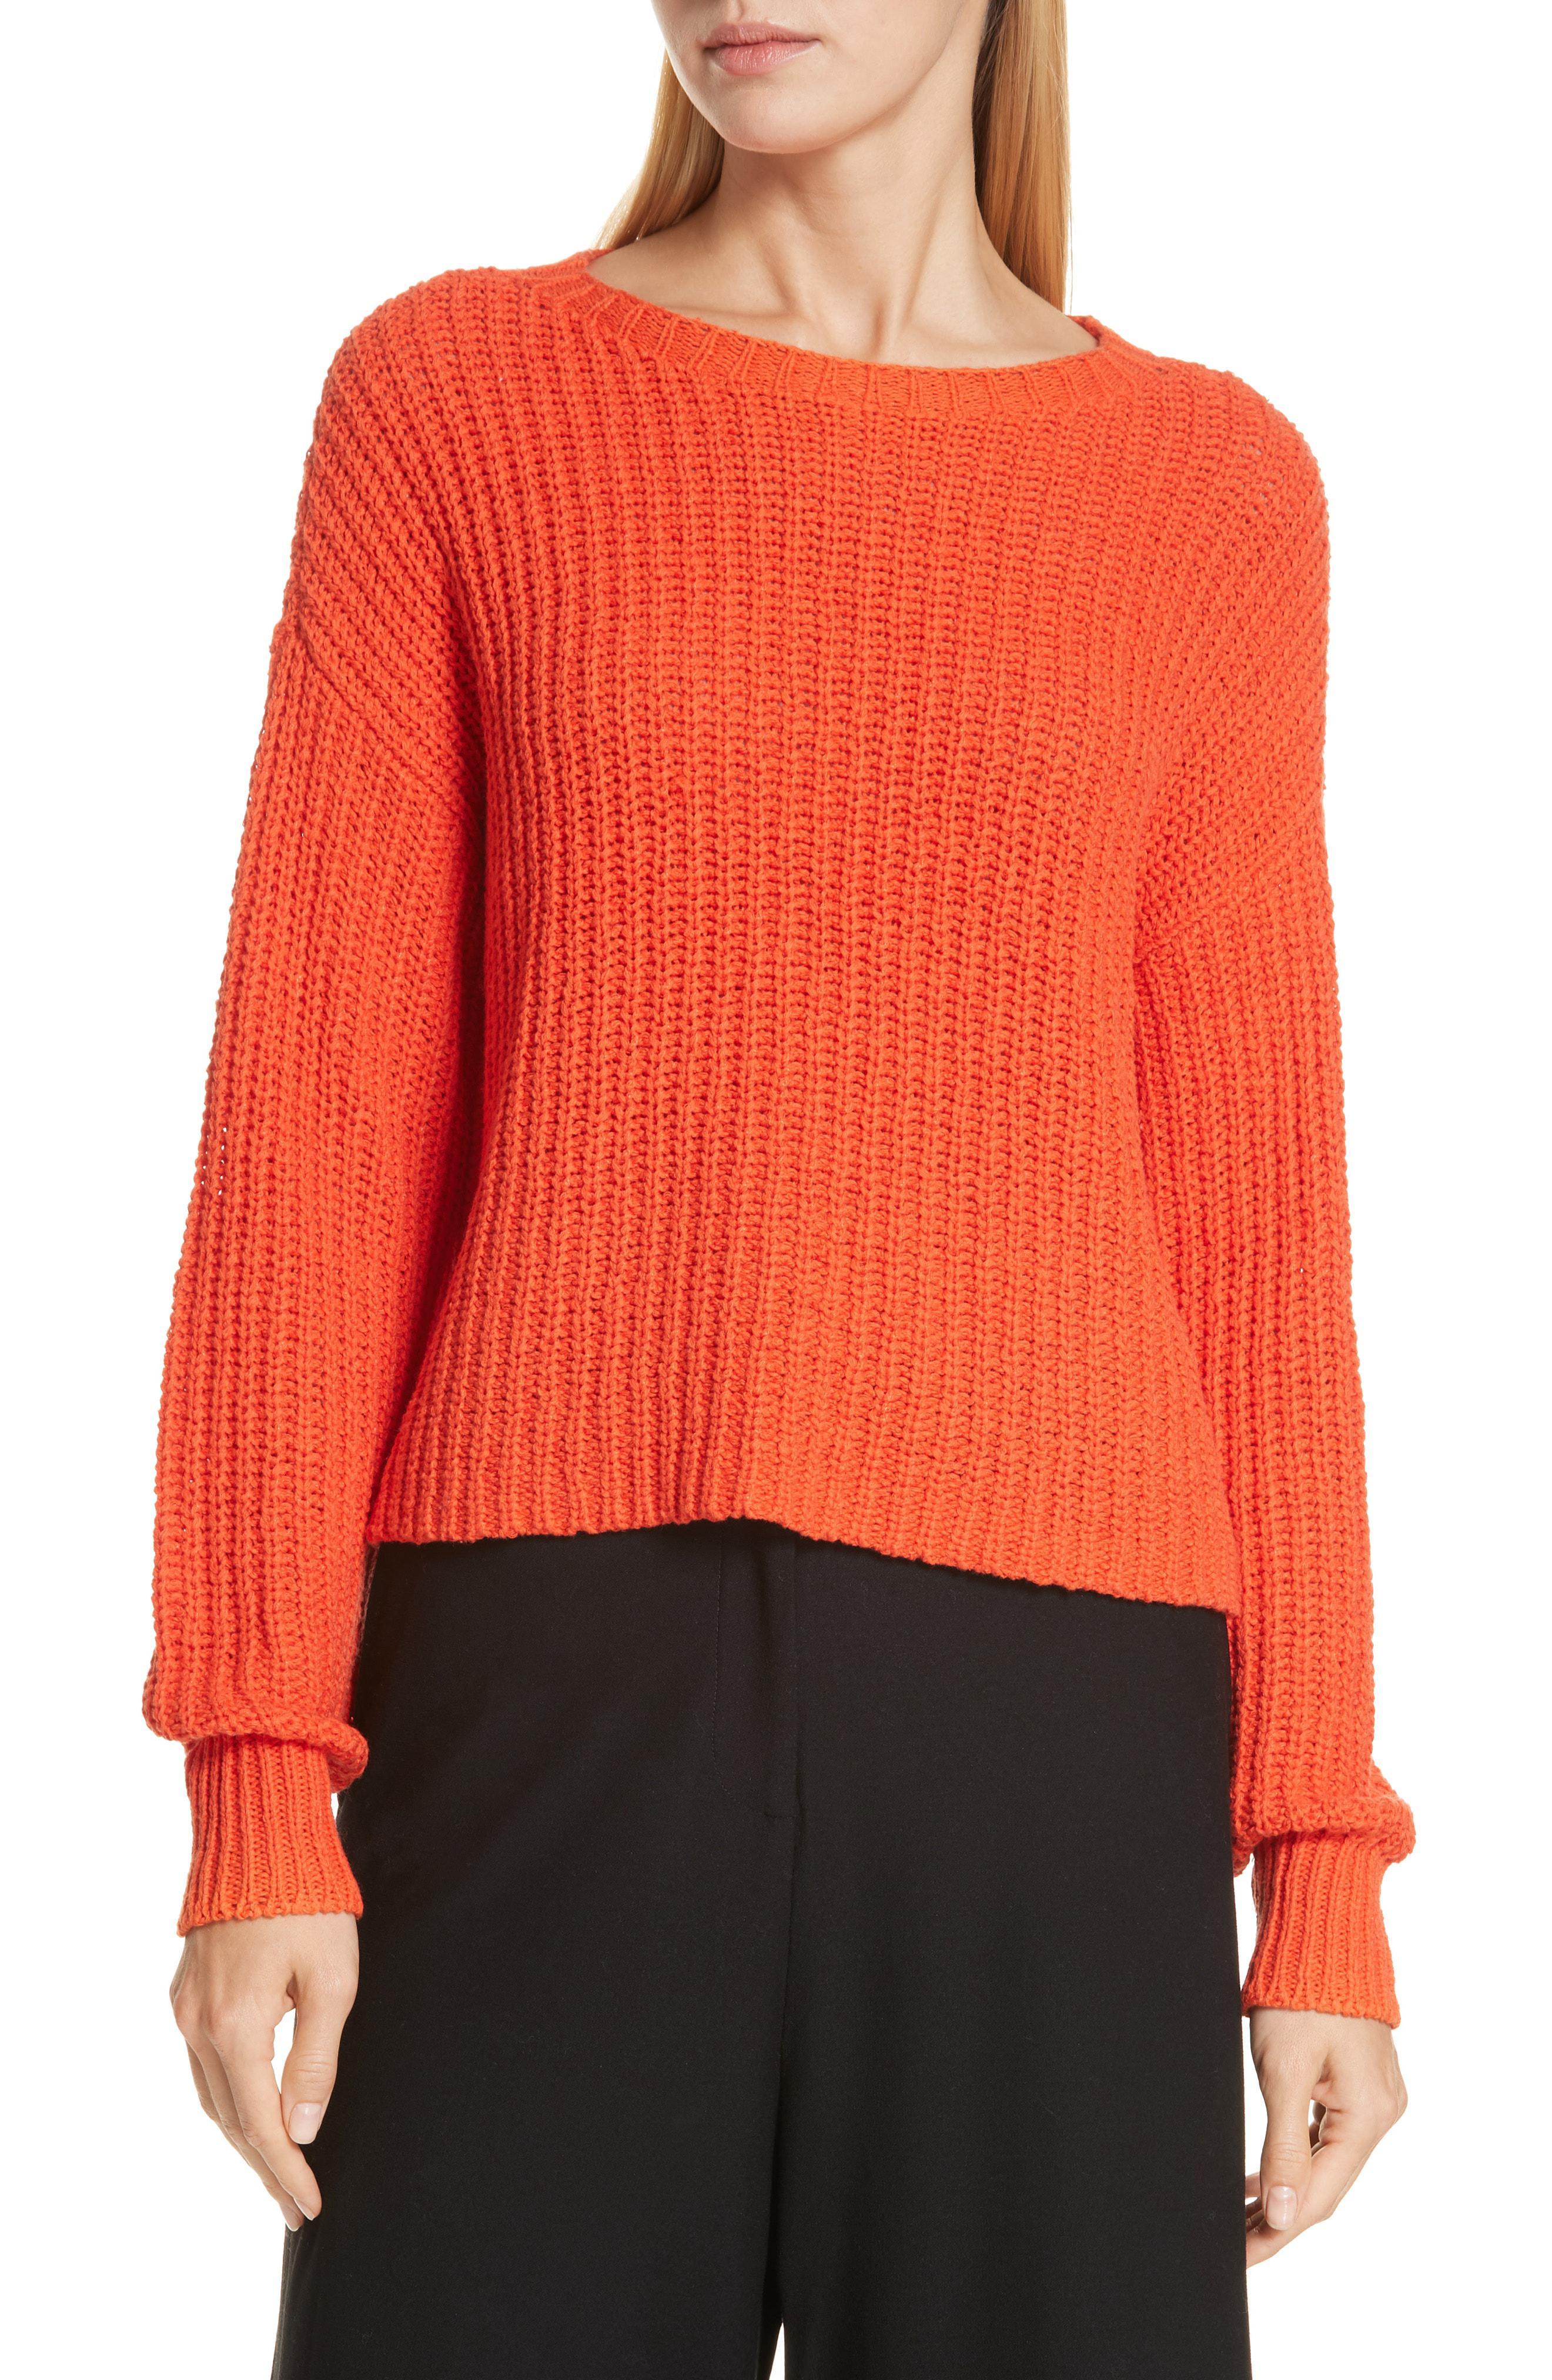 ad7de7002ad Lyst - Eileen Fisher Scoop Neck Sweater in Orange